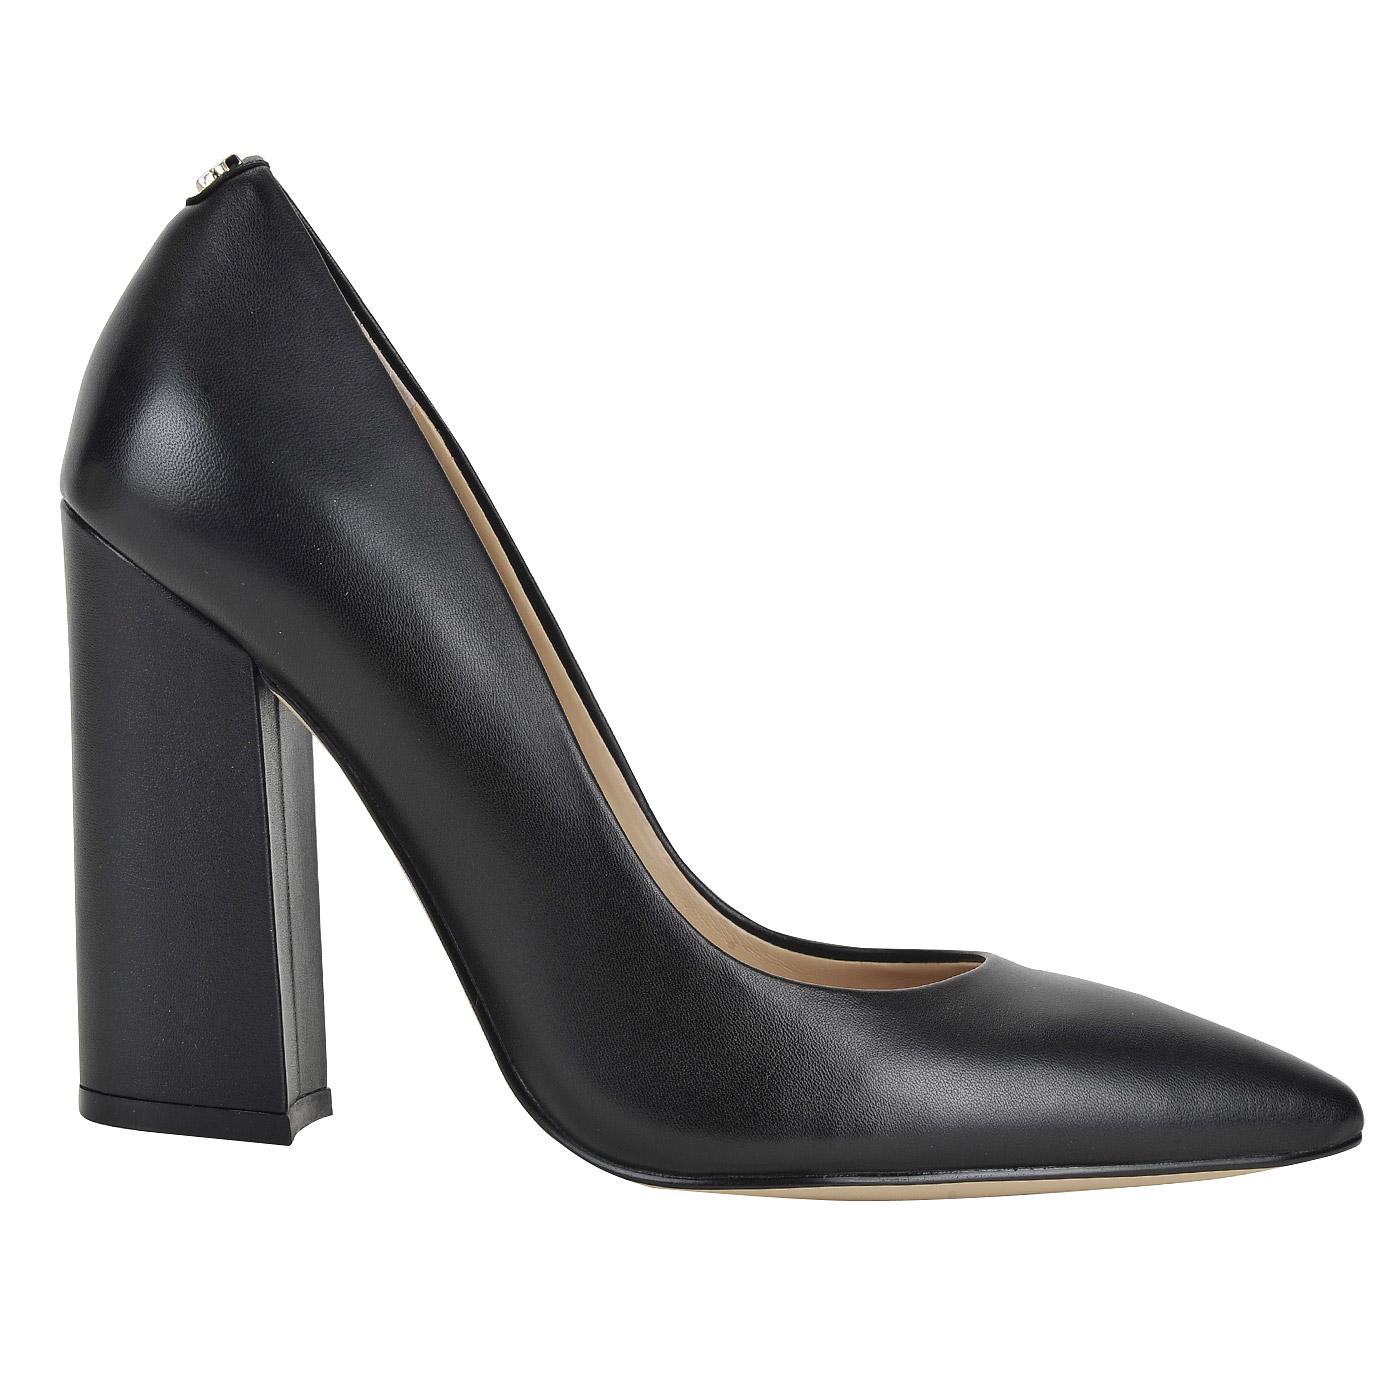 7beffb2d1126 Женские кожаные туфли на устойчивом каблуке Guess Ridley3